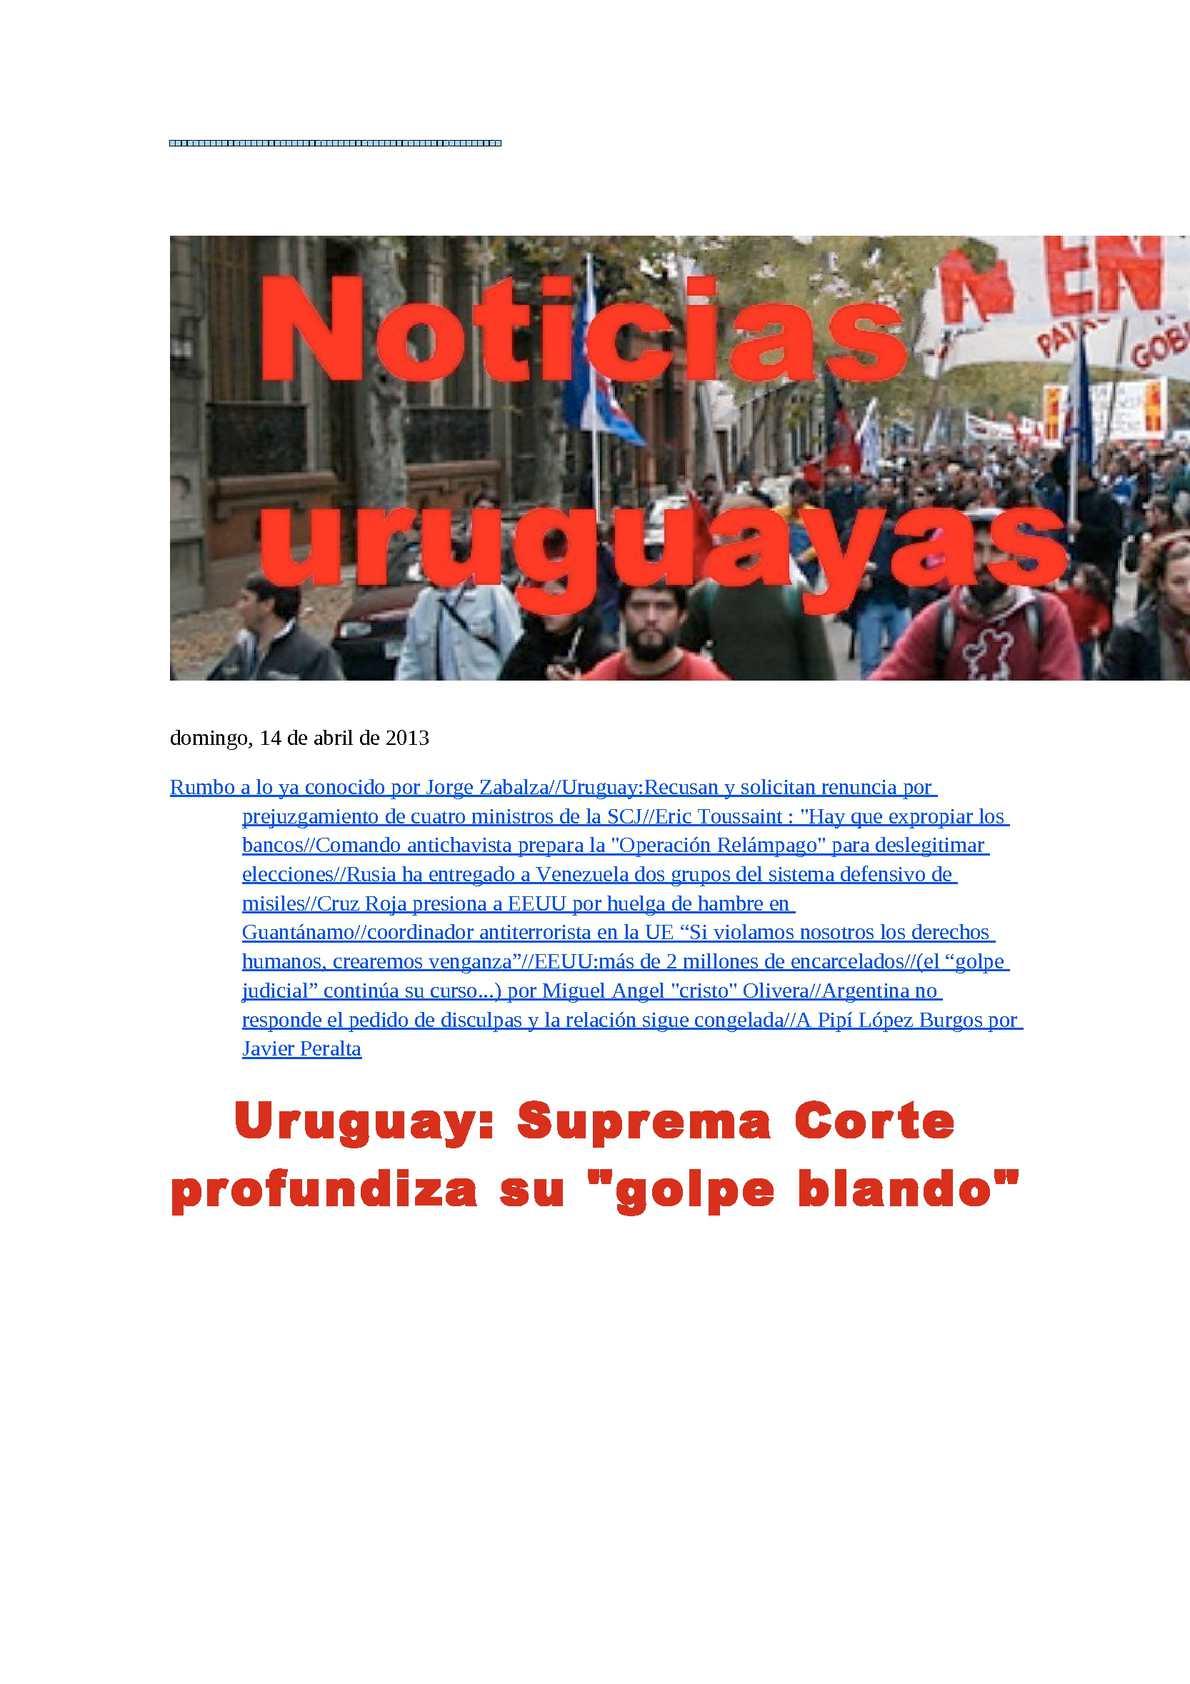 Calaméo - Noticias Uruguayas domingo 14 de abril del 2013